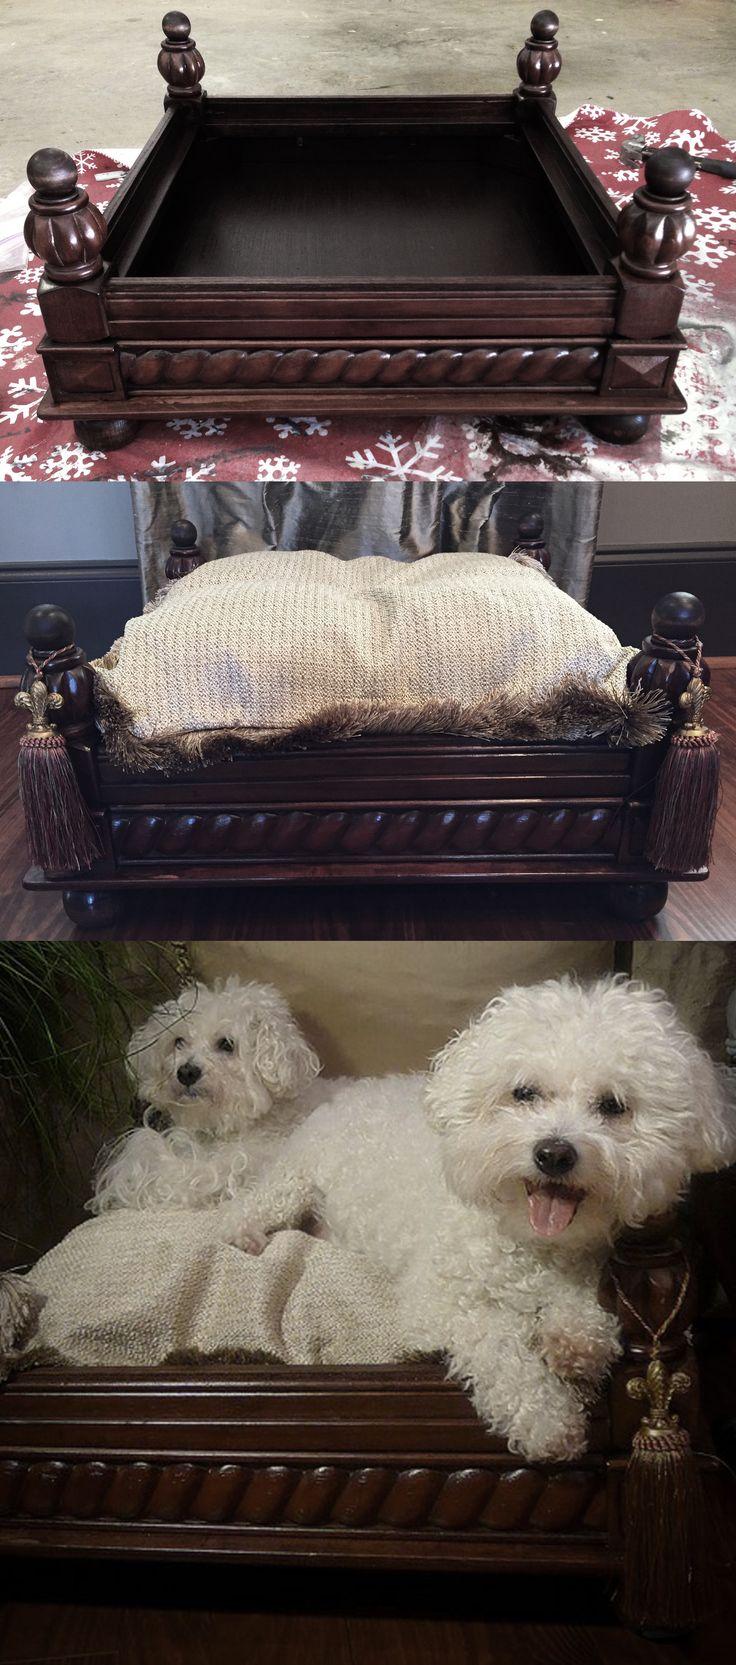 best doxi lve images on pinterest dachshund dog daschund